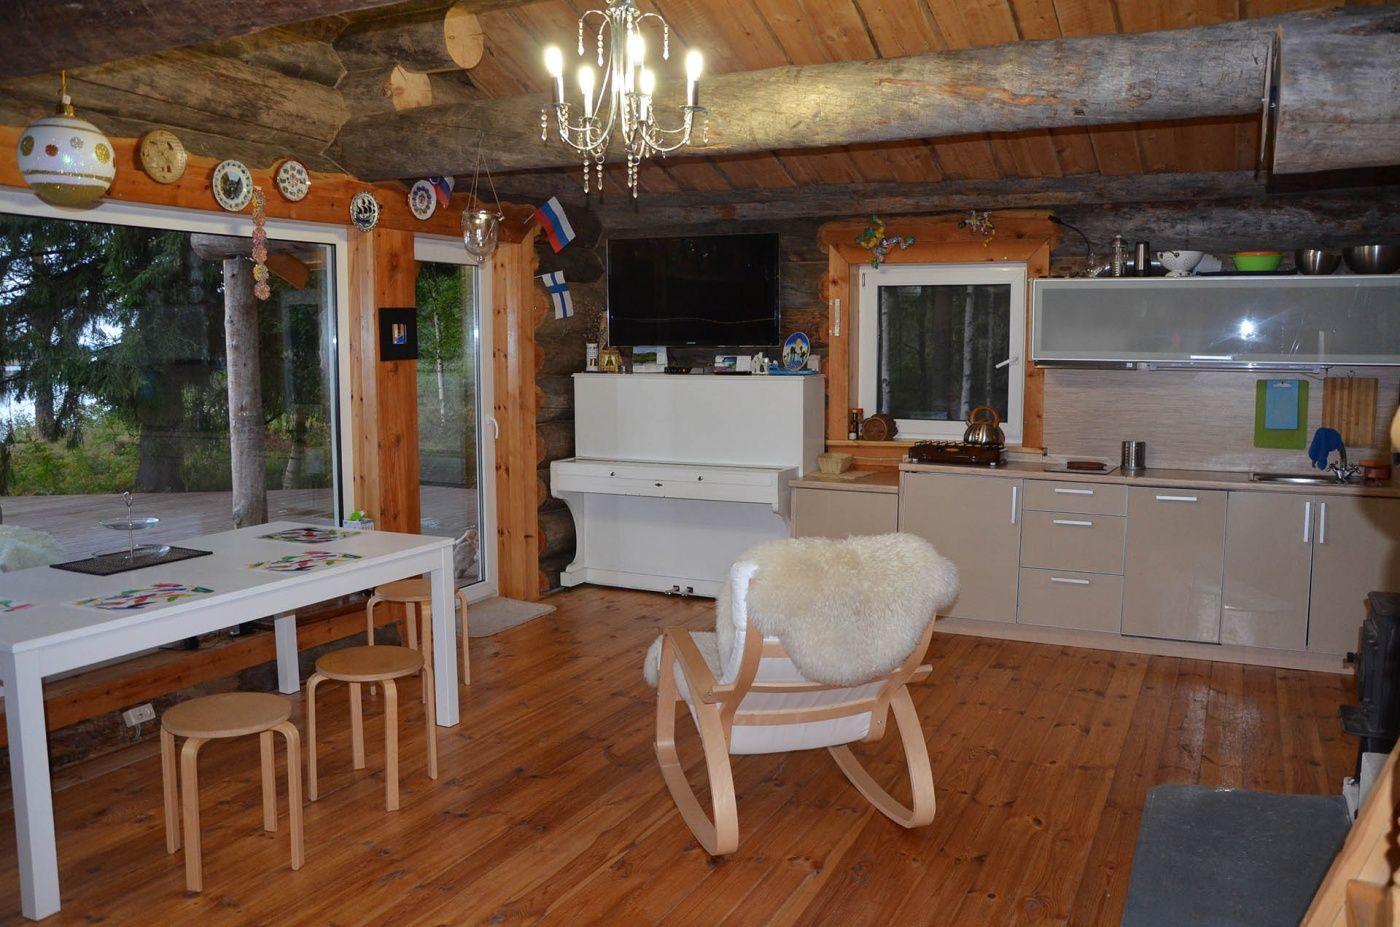 Комплекс гостевых домов «Karelia Village» Республика Карелия Коттедж «Ангенлахти-1», «Ангенлахти-2», «Ангенлахти-3», фото 10